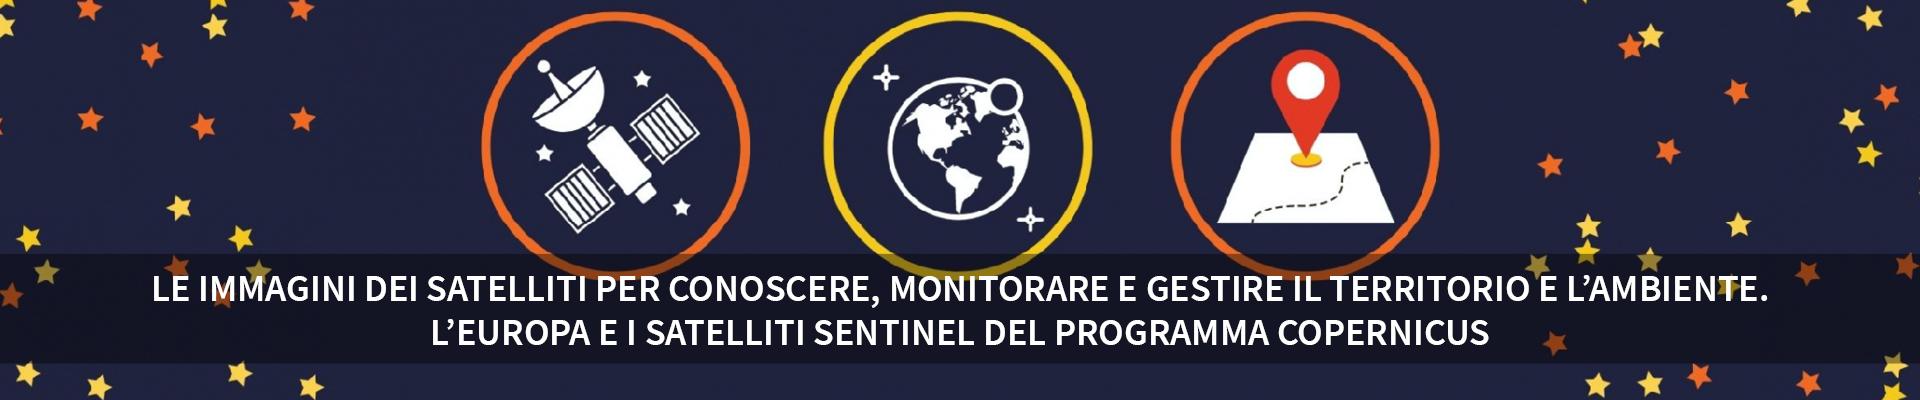 Le immagini dei satelliti per conoscere, monitorare e gestire il territorio e l'ambiente -